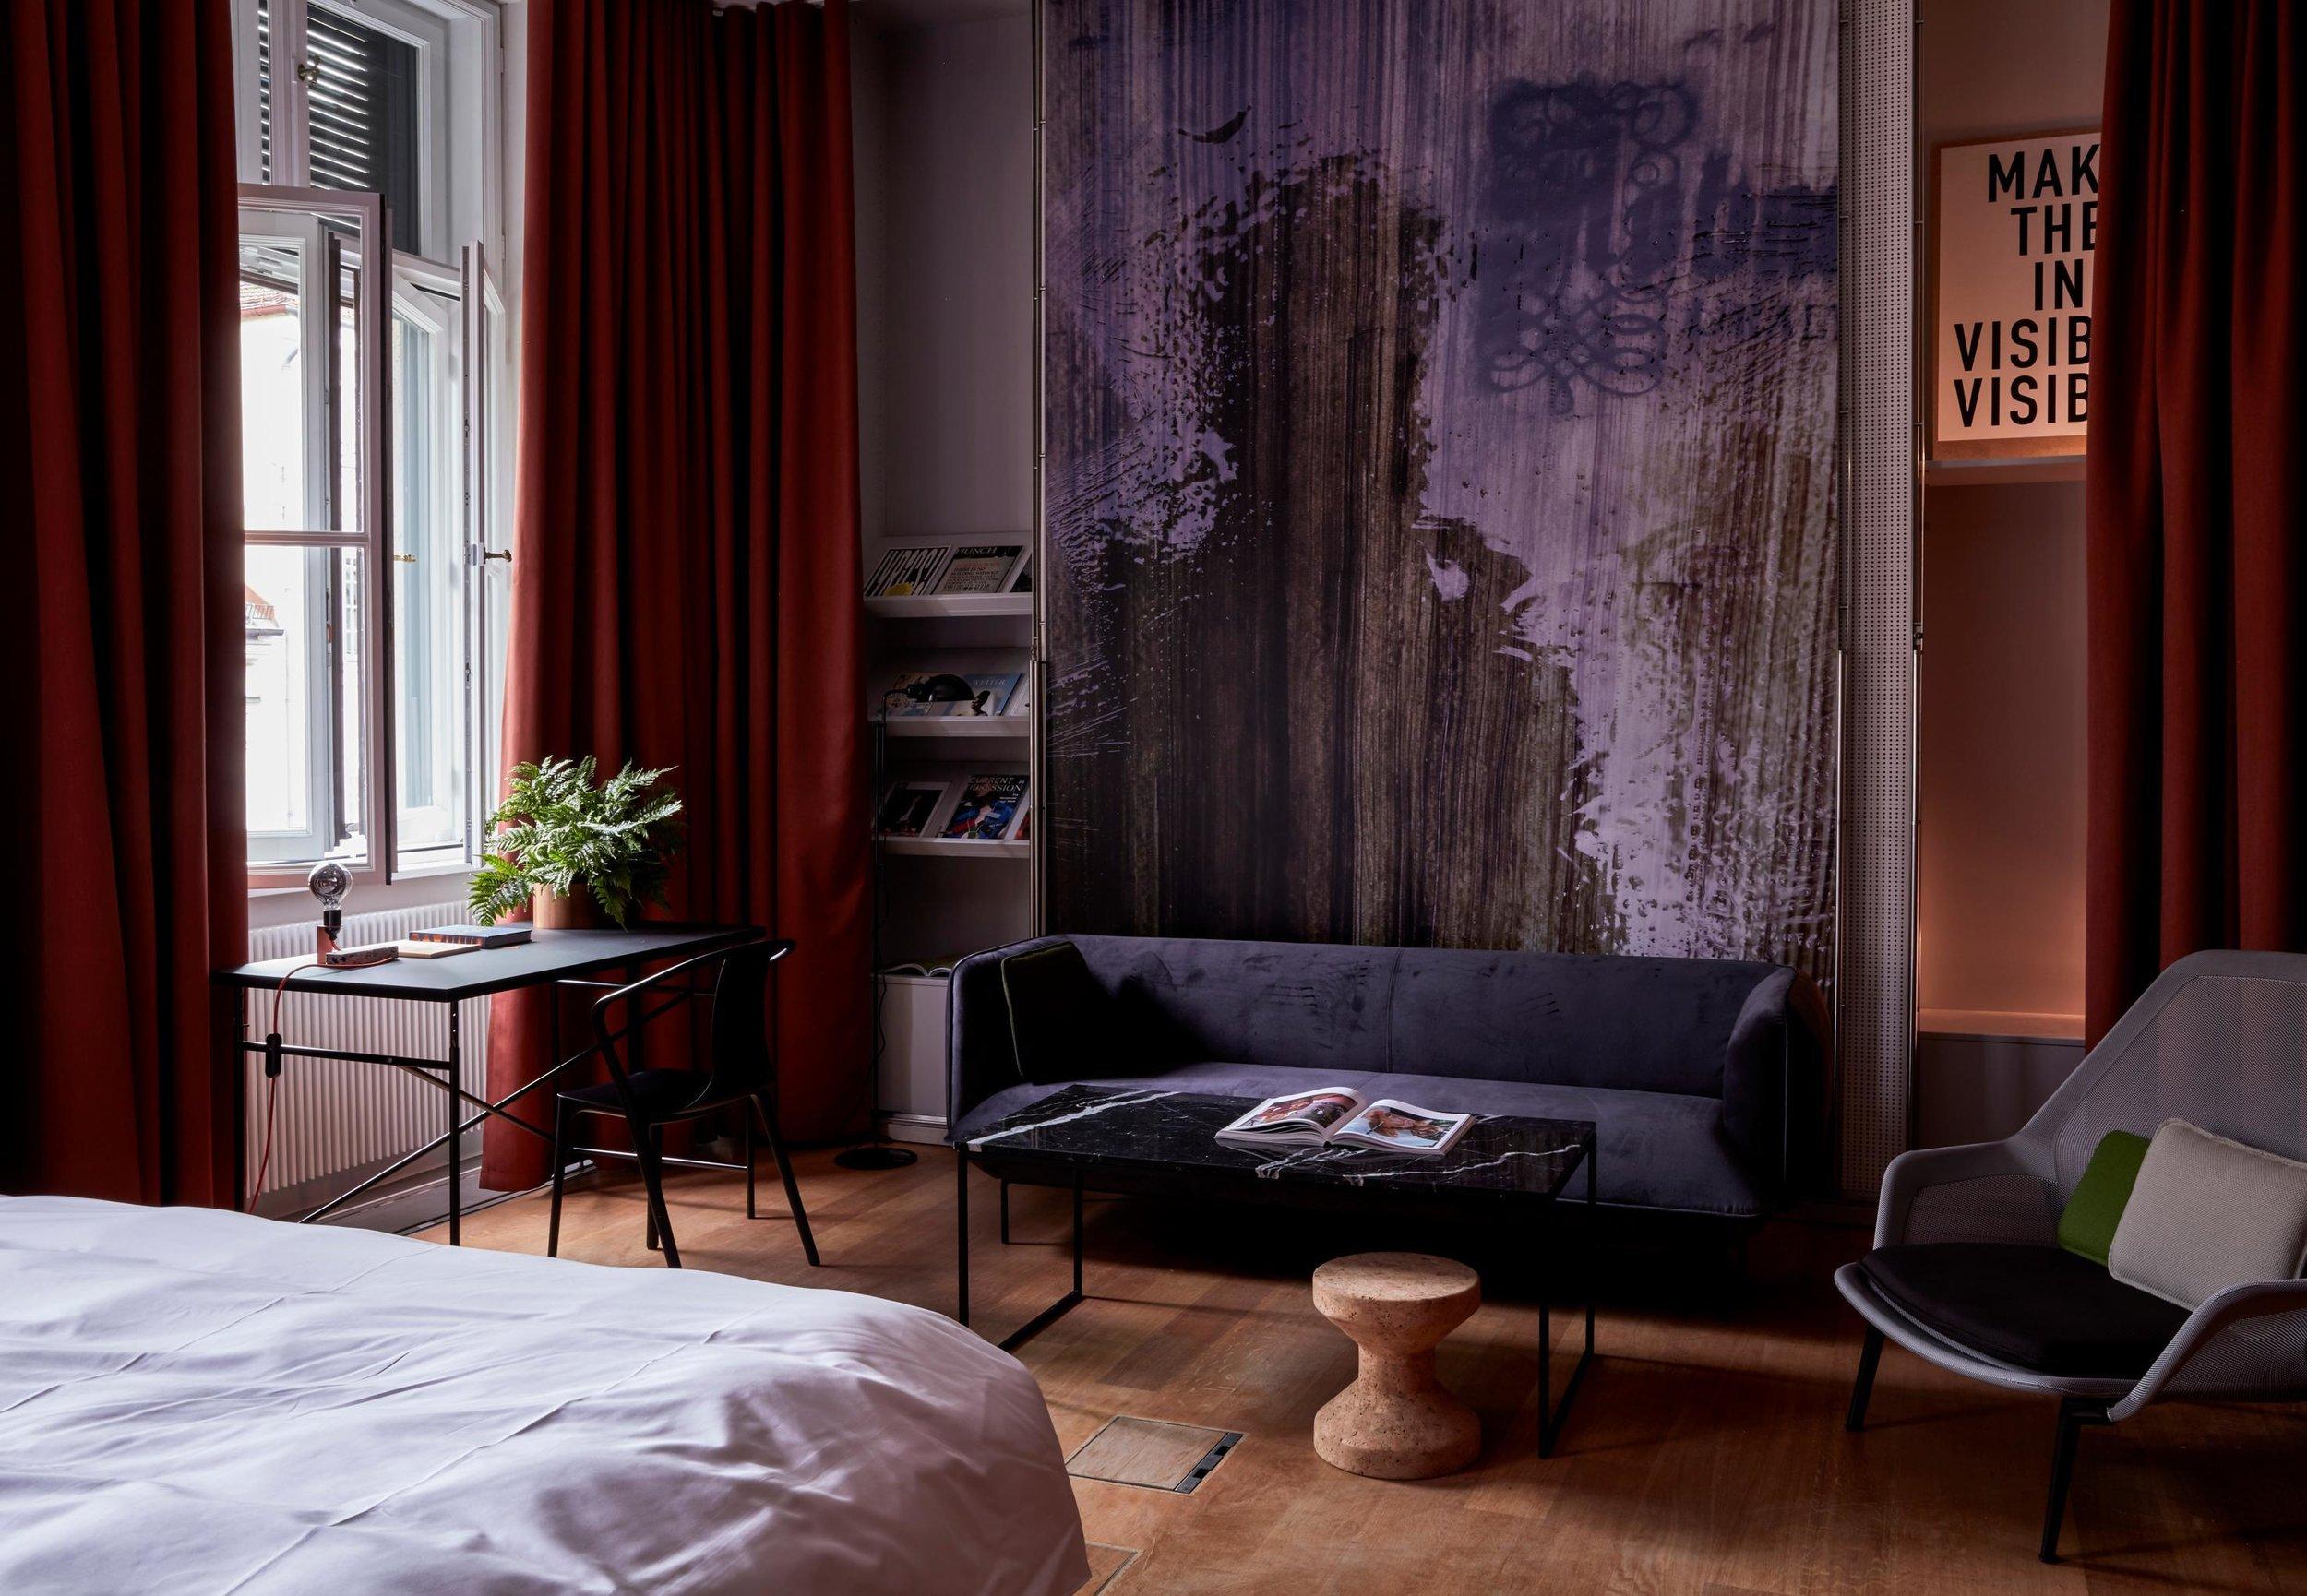 SLEEP_  LOVELACE.  #Pure #SleekDesign #Hipster #Fashionable #ModernArt   http://thelovelace.com